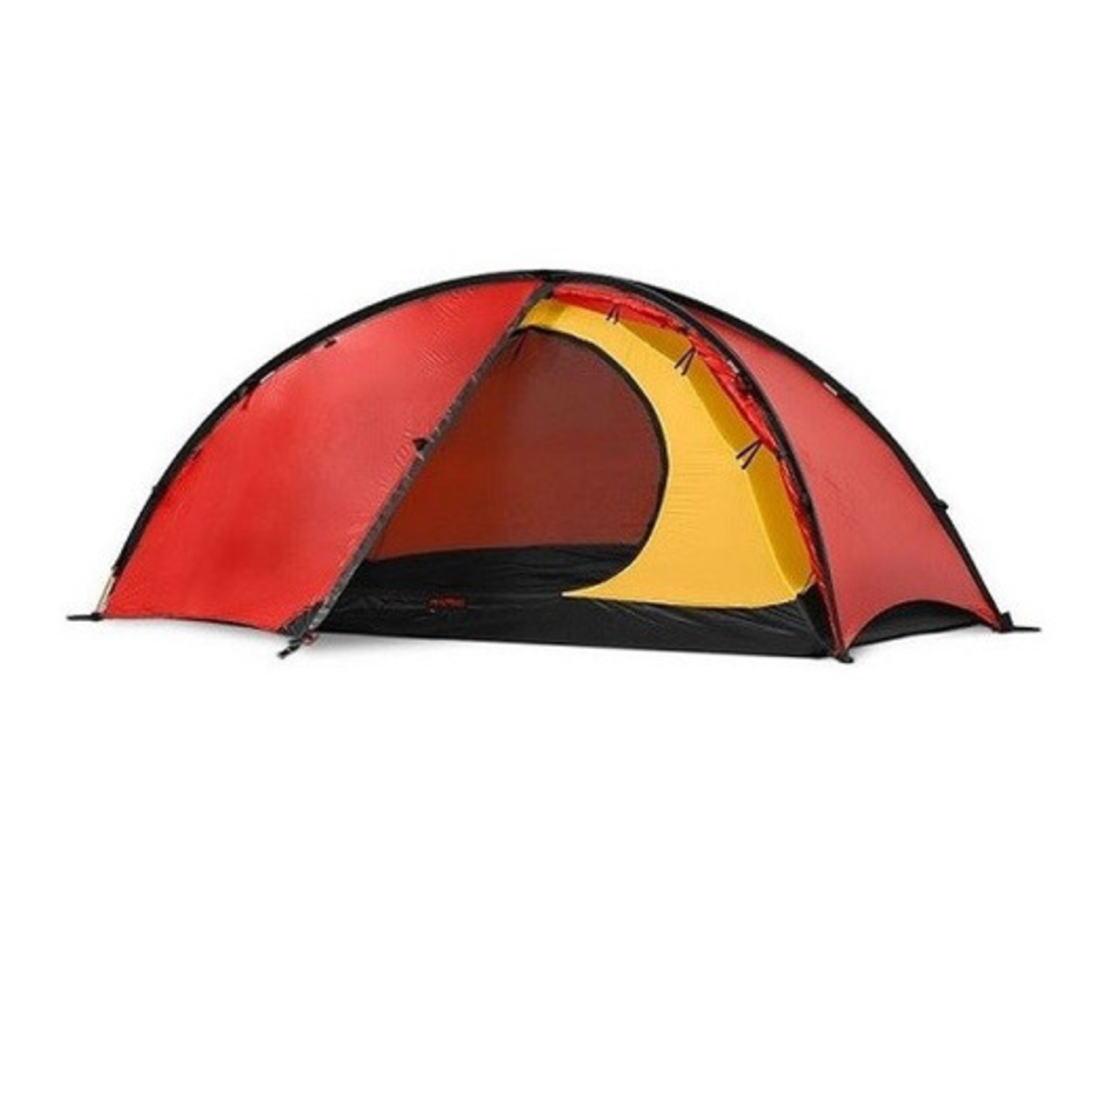 ヒルバーグ ニアック1.5(600) 軽量自立型 テント  国内正規品